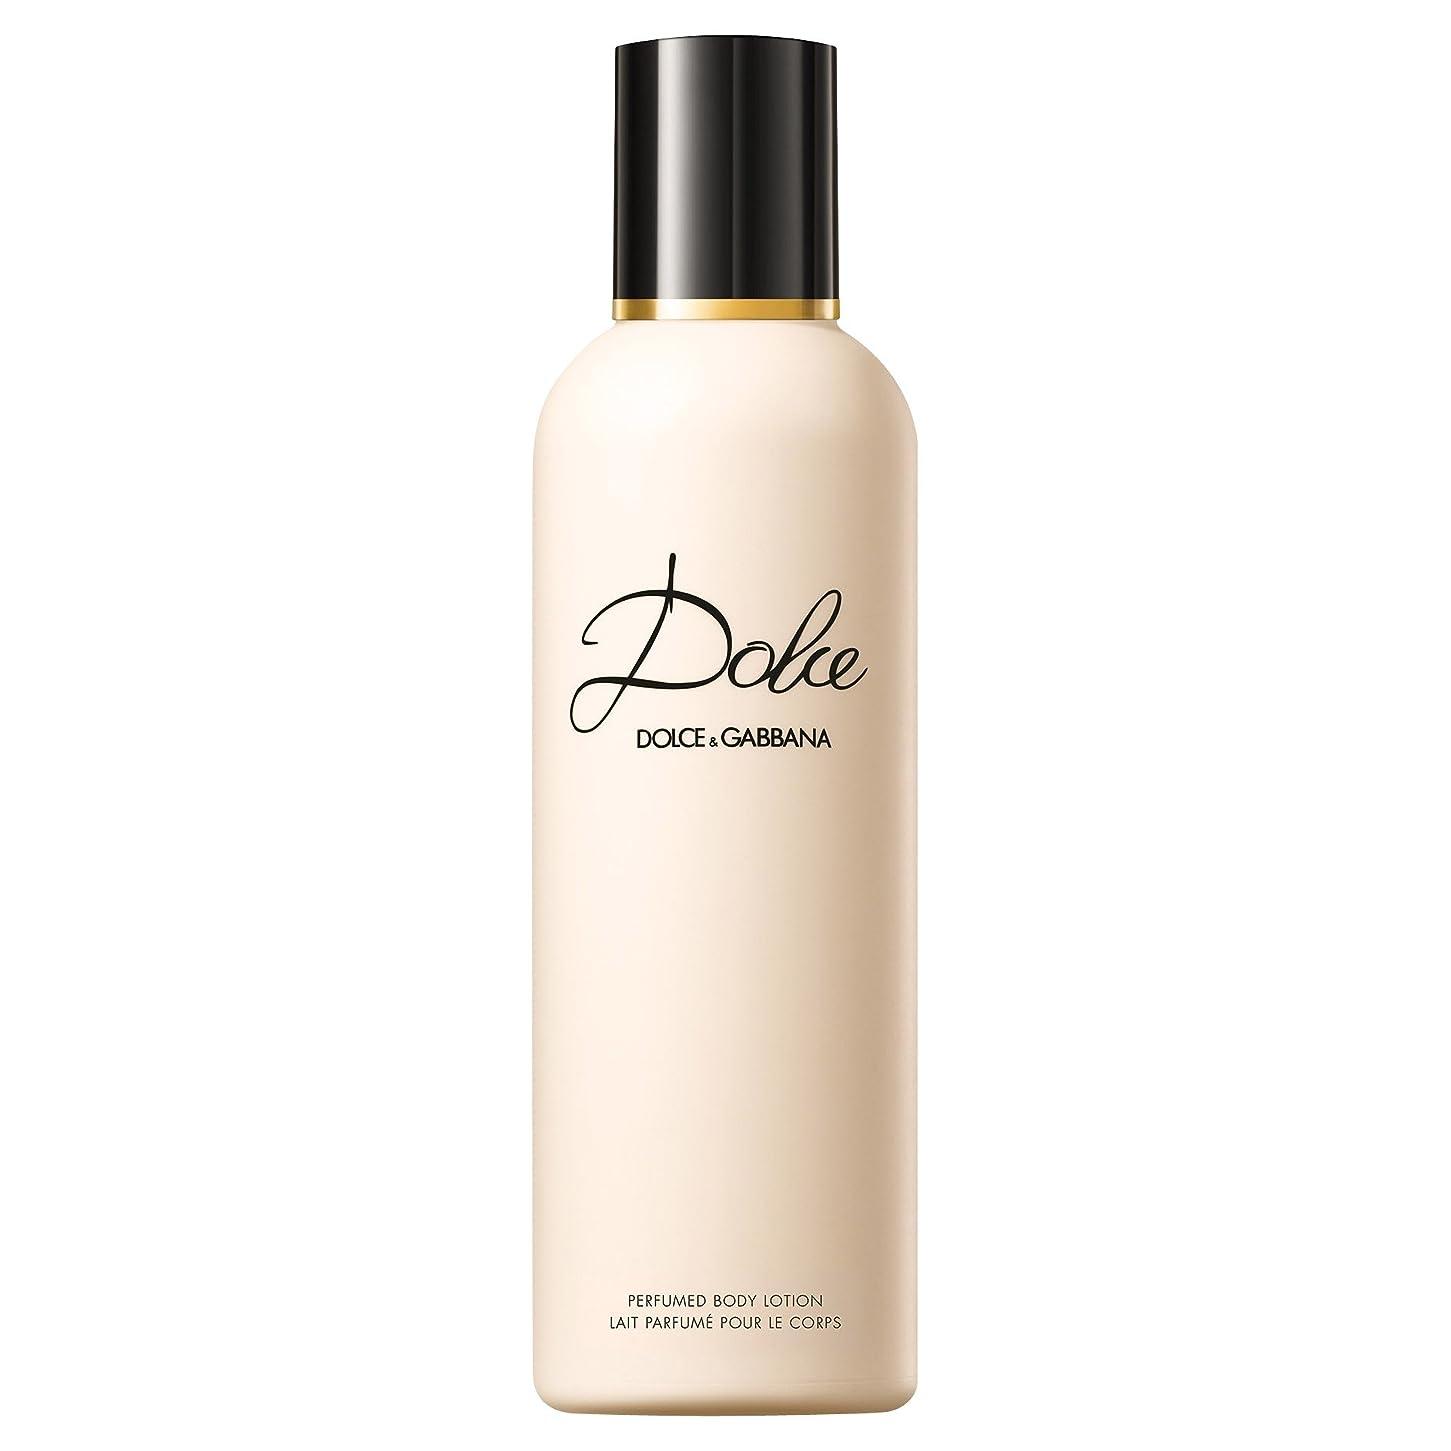 最初ライド積極的にドルチェ&ガッバーナドルチェのボディローション200ミリリットル (Dolce & Gabbana) (x6) - Dolce & Gabbana Dolce Body Lotion 200ml (Pack of 6) [並行輸入品]